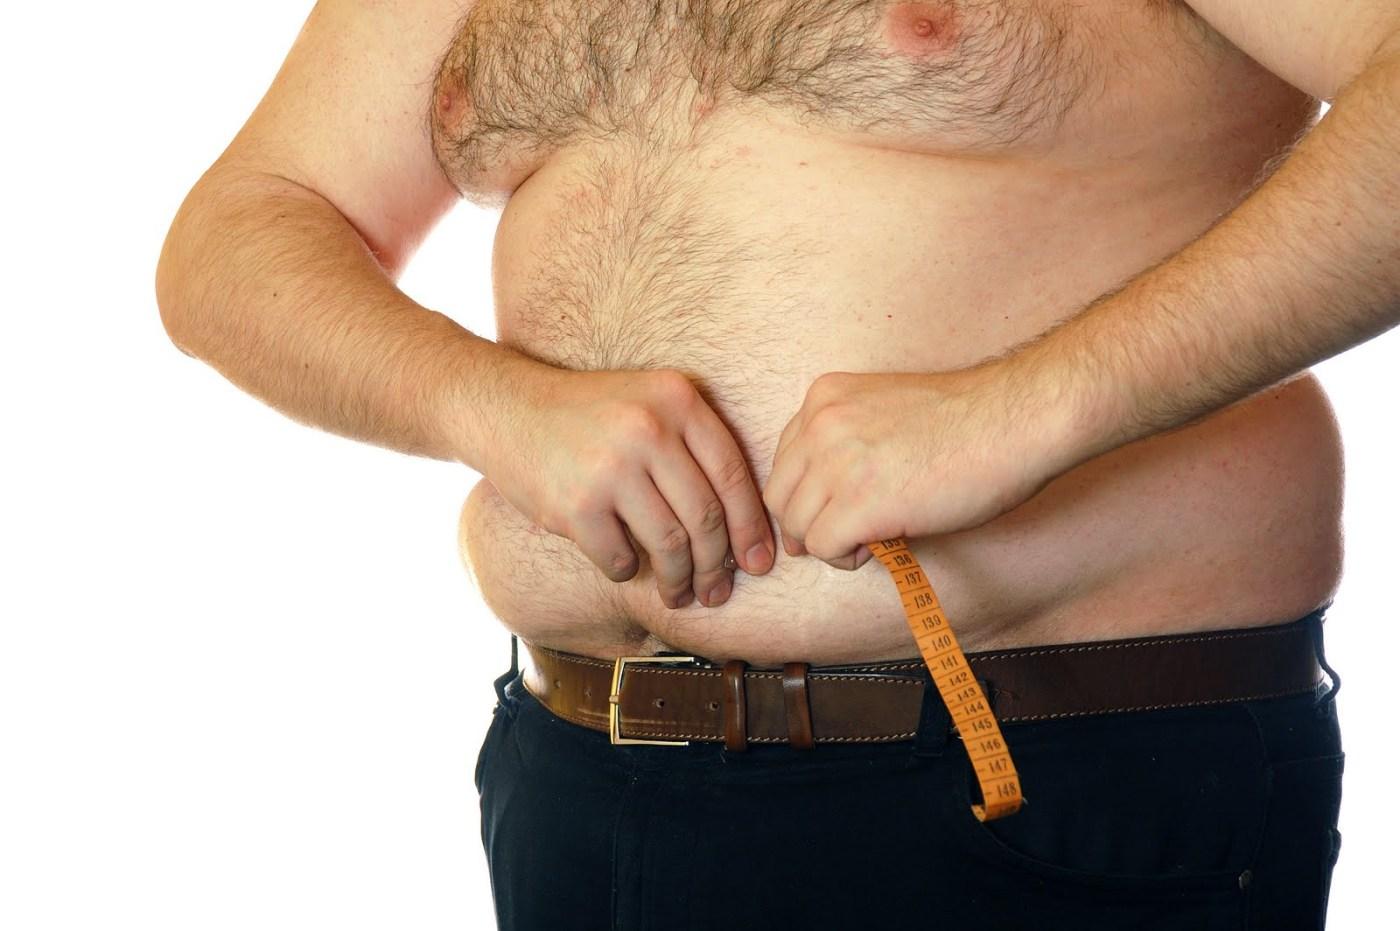 как эффективно убрать живот похудеть